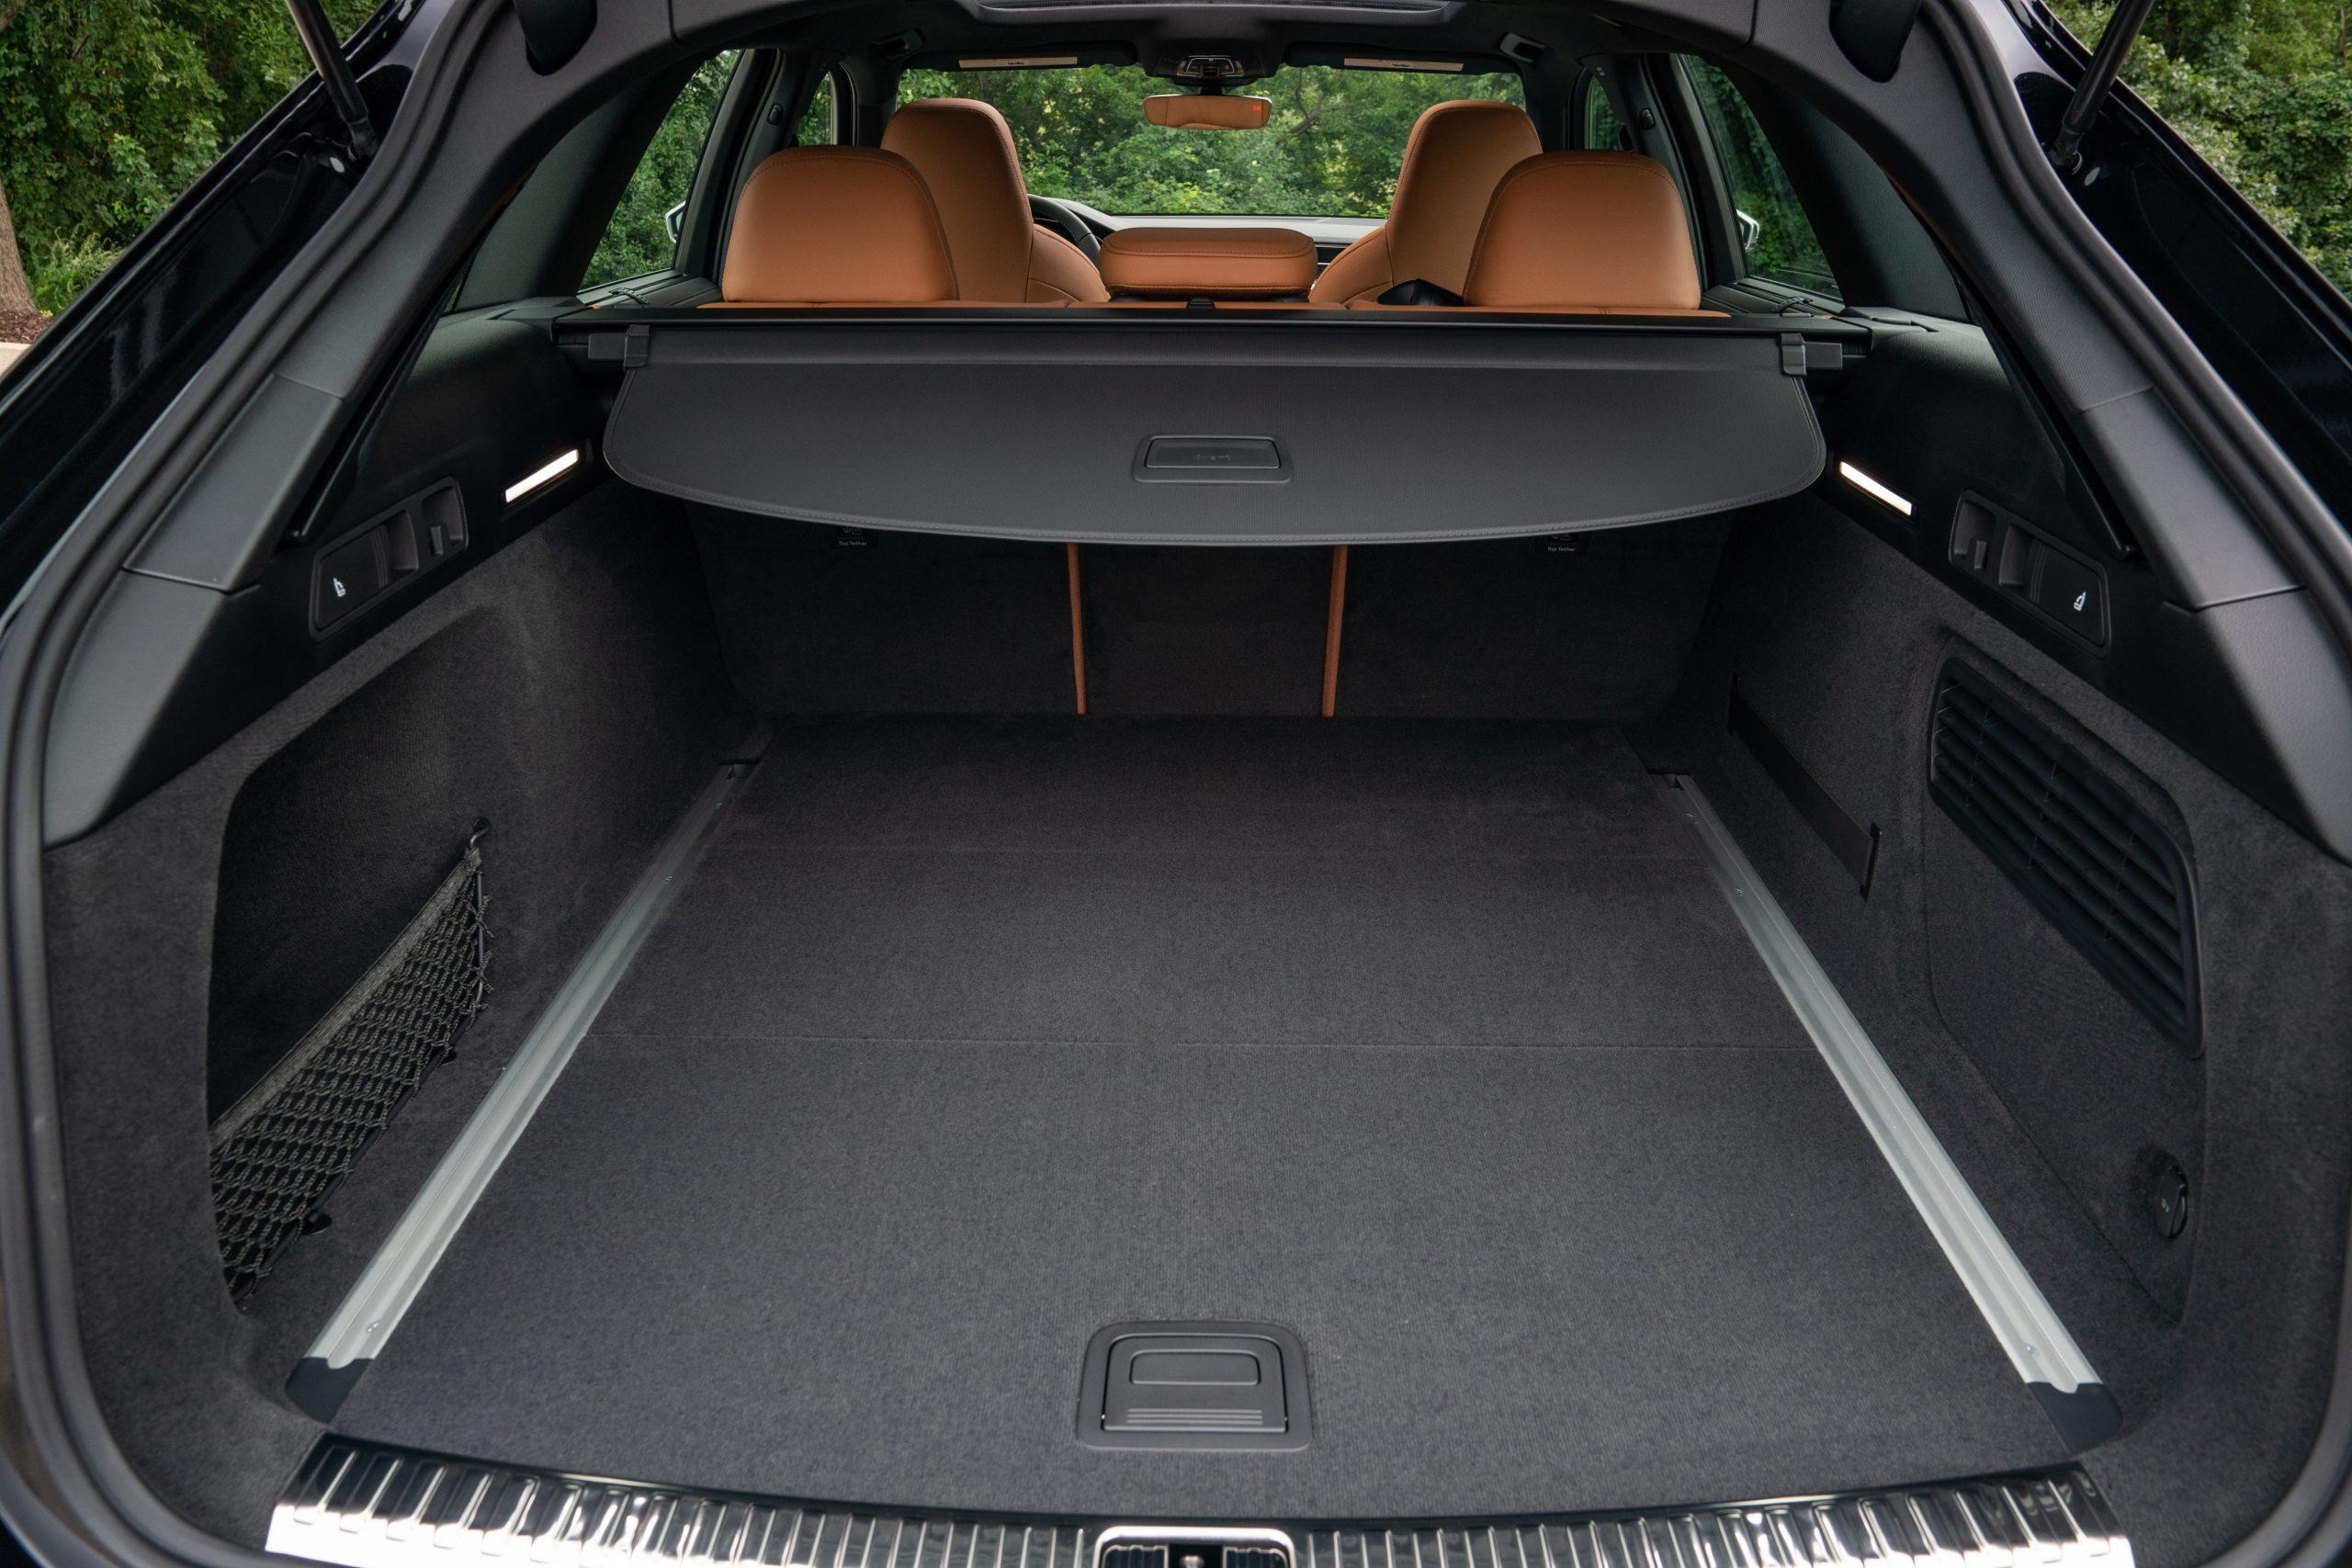 RS 6 Avant Nardo Gray interior cargo room are seats up privacy shade